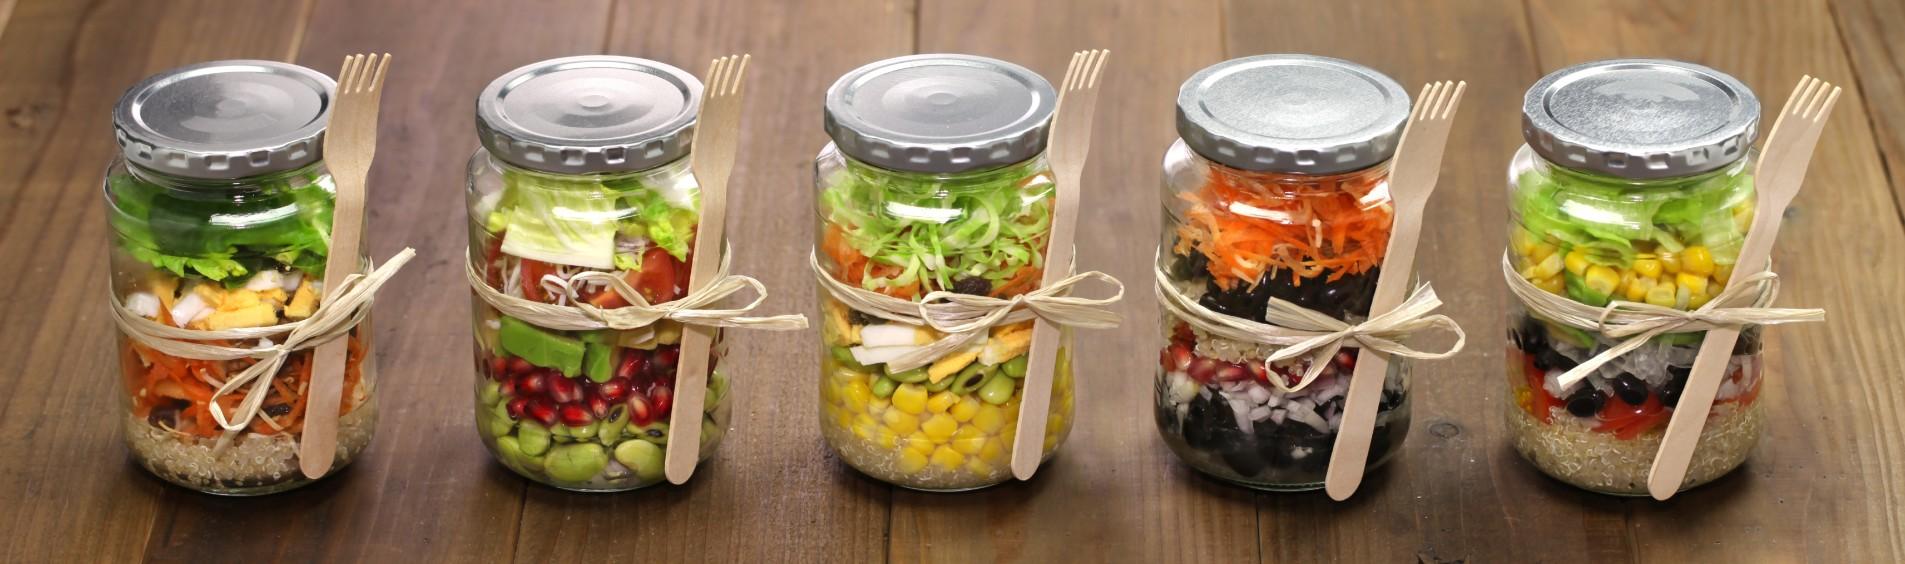 foto da receita Salada arco-irís de pote